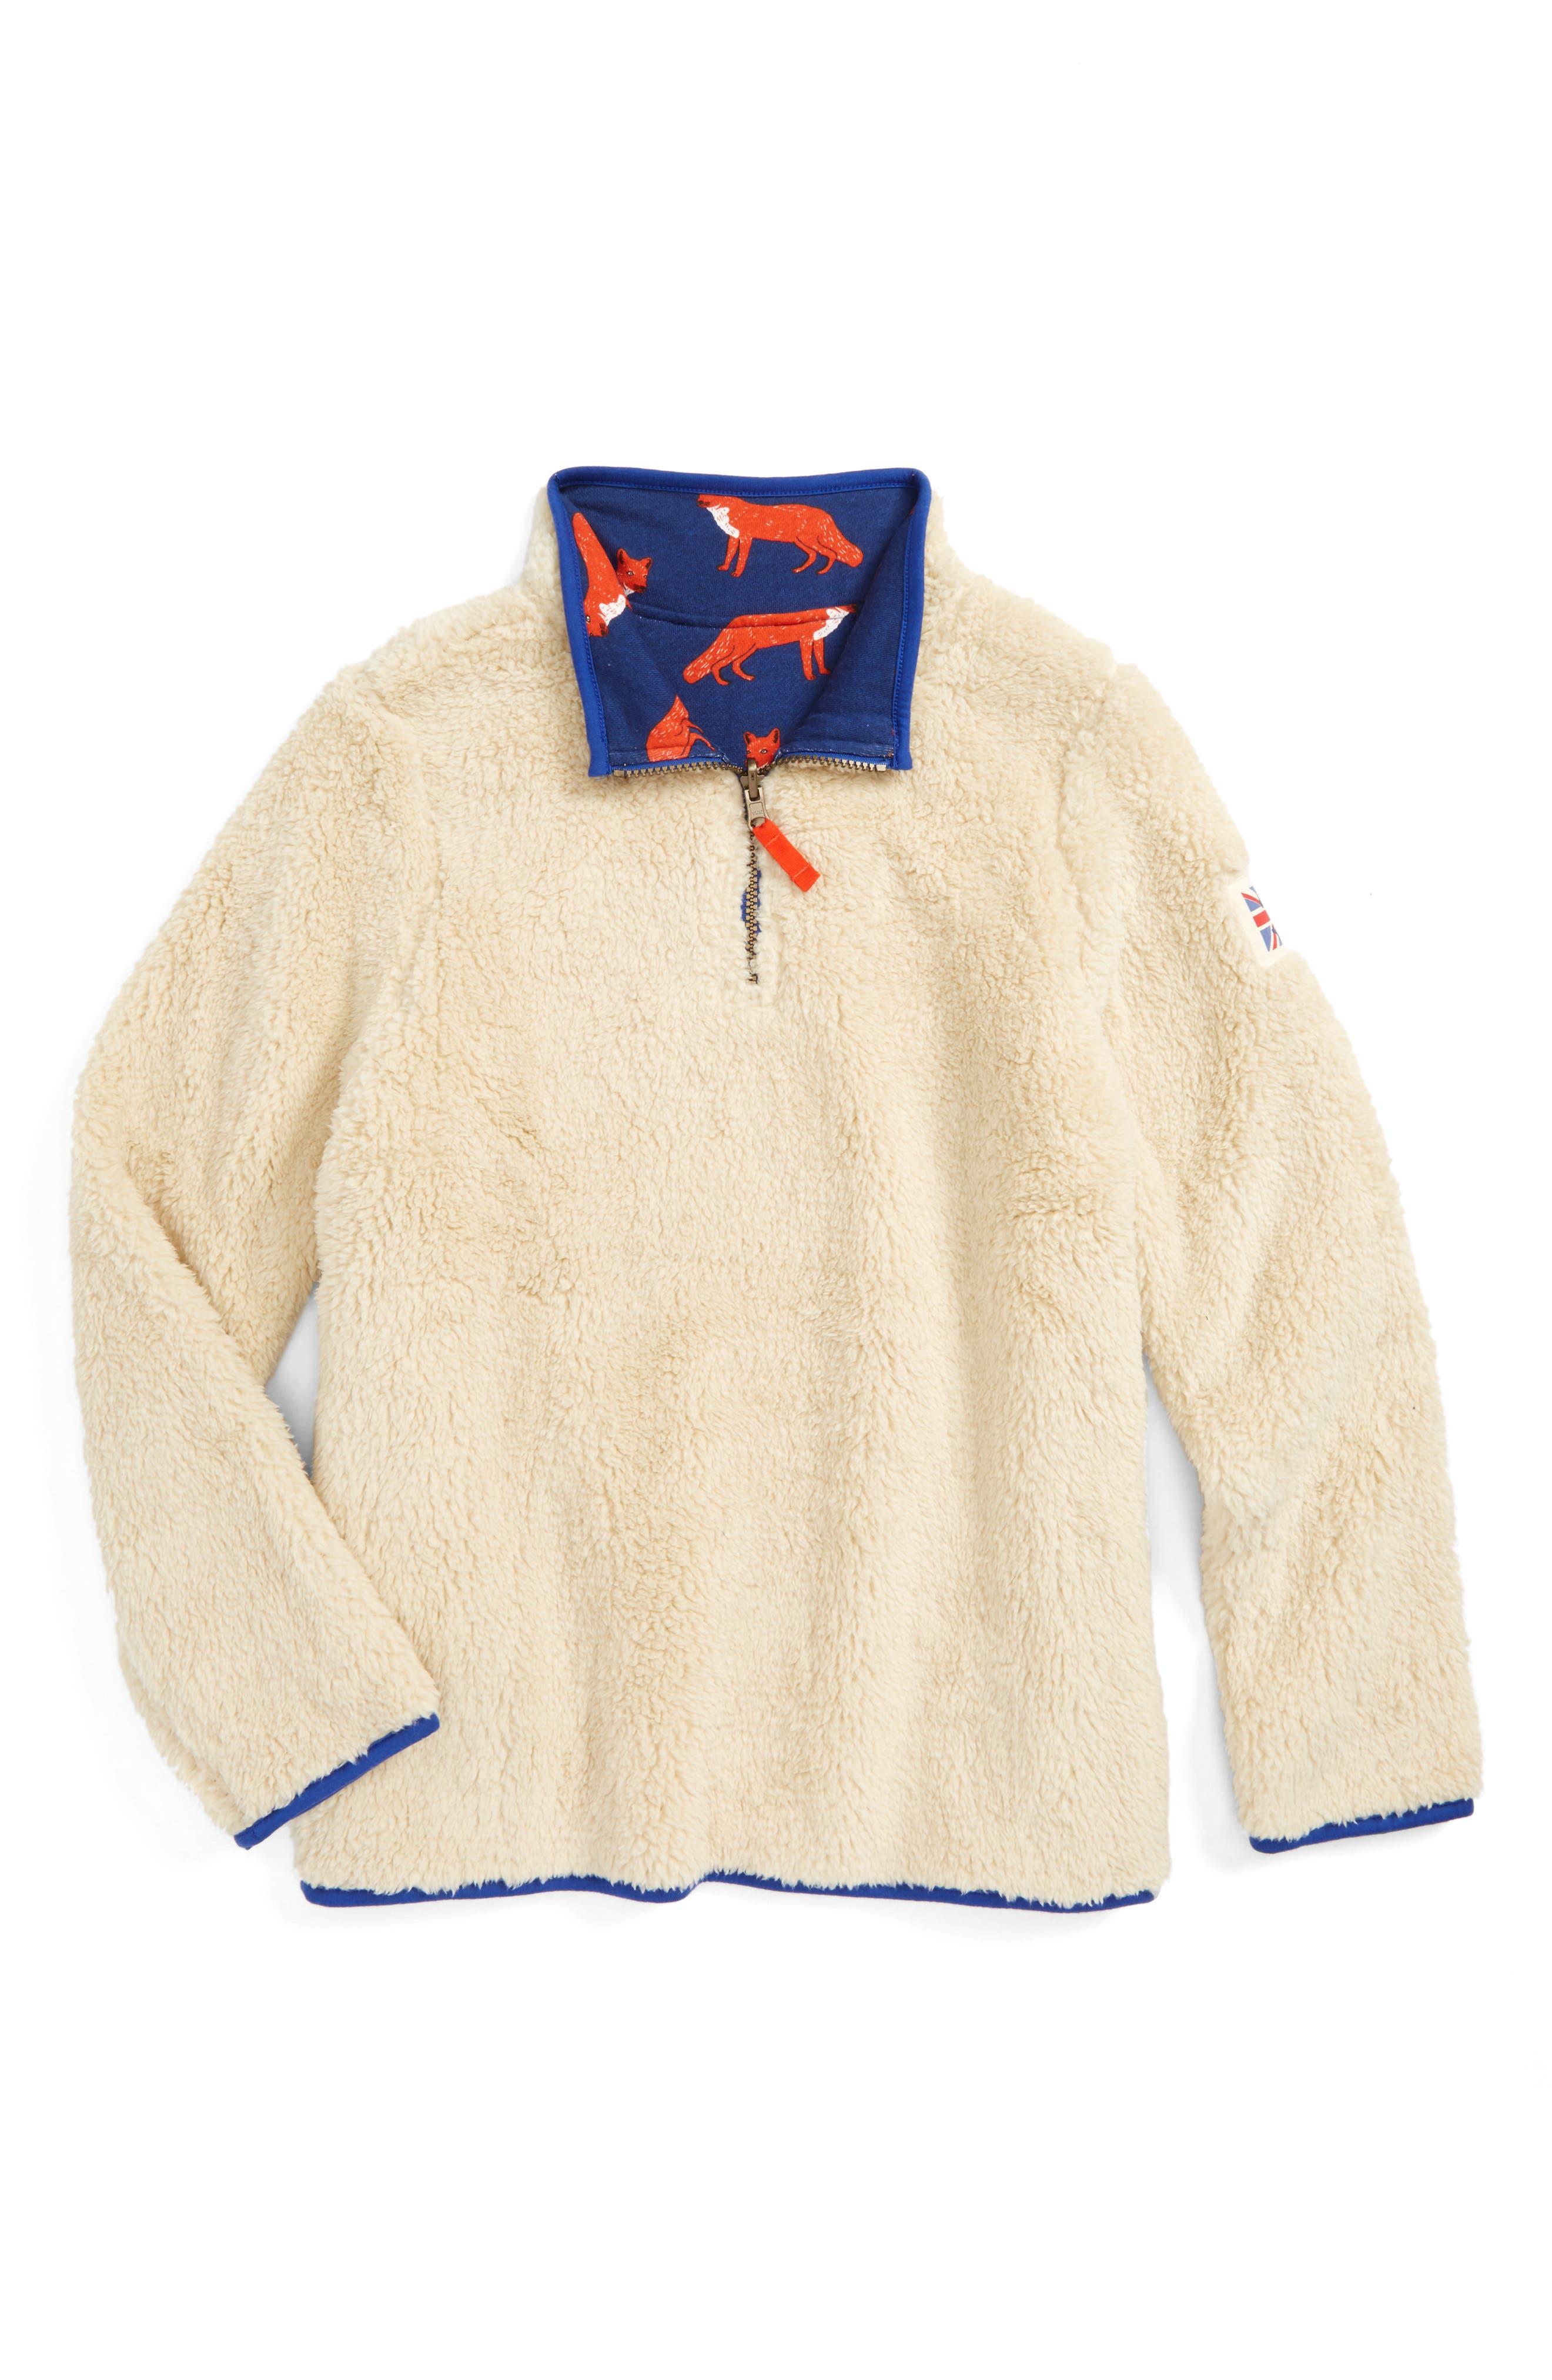 Reversible Quarter Zip Sweatshirt,                         Main,                         color, Grey Marl Multi